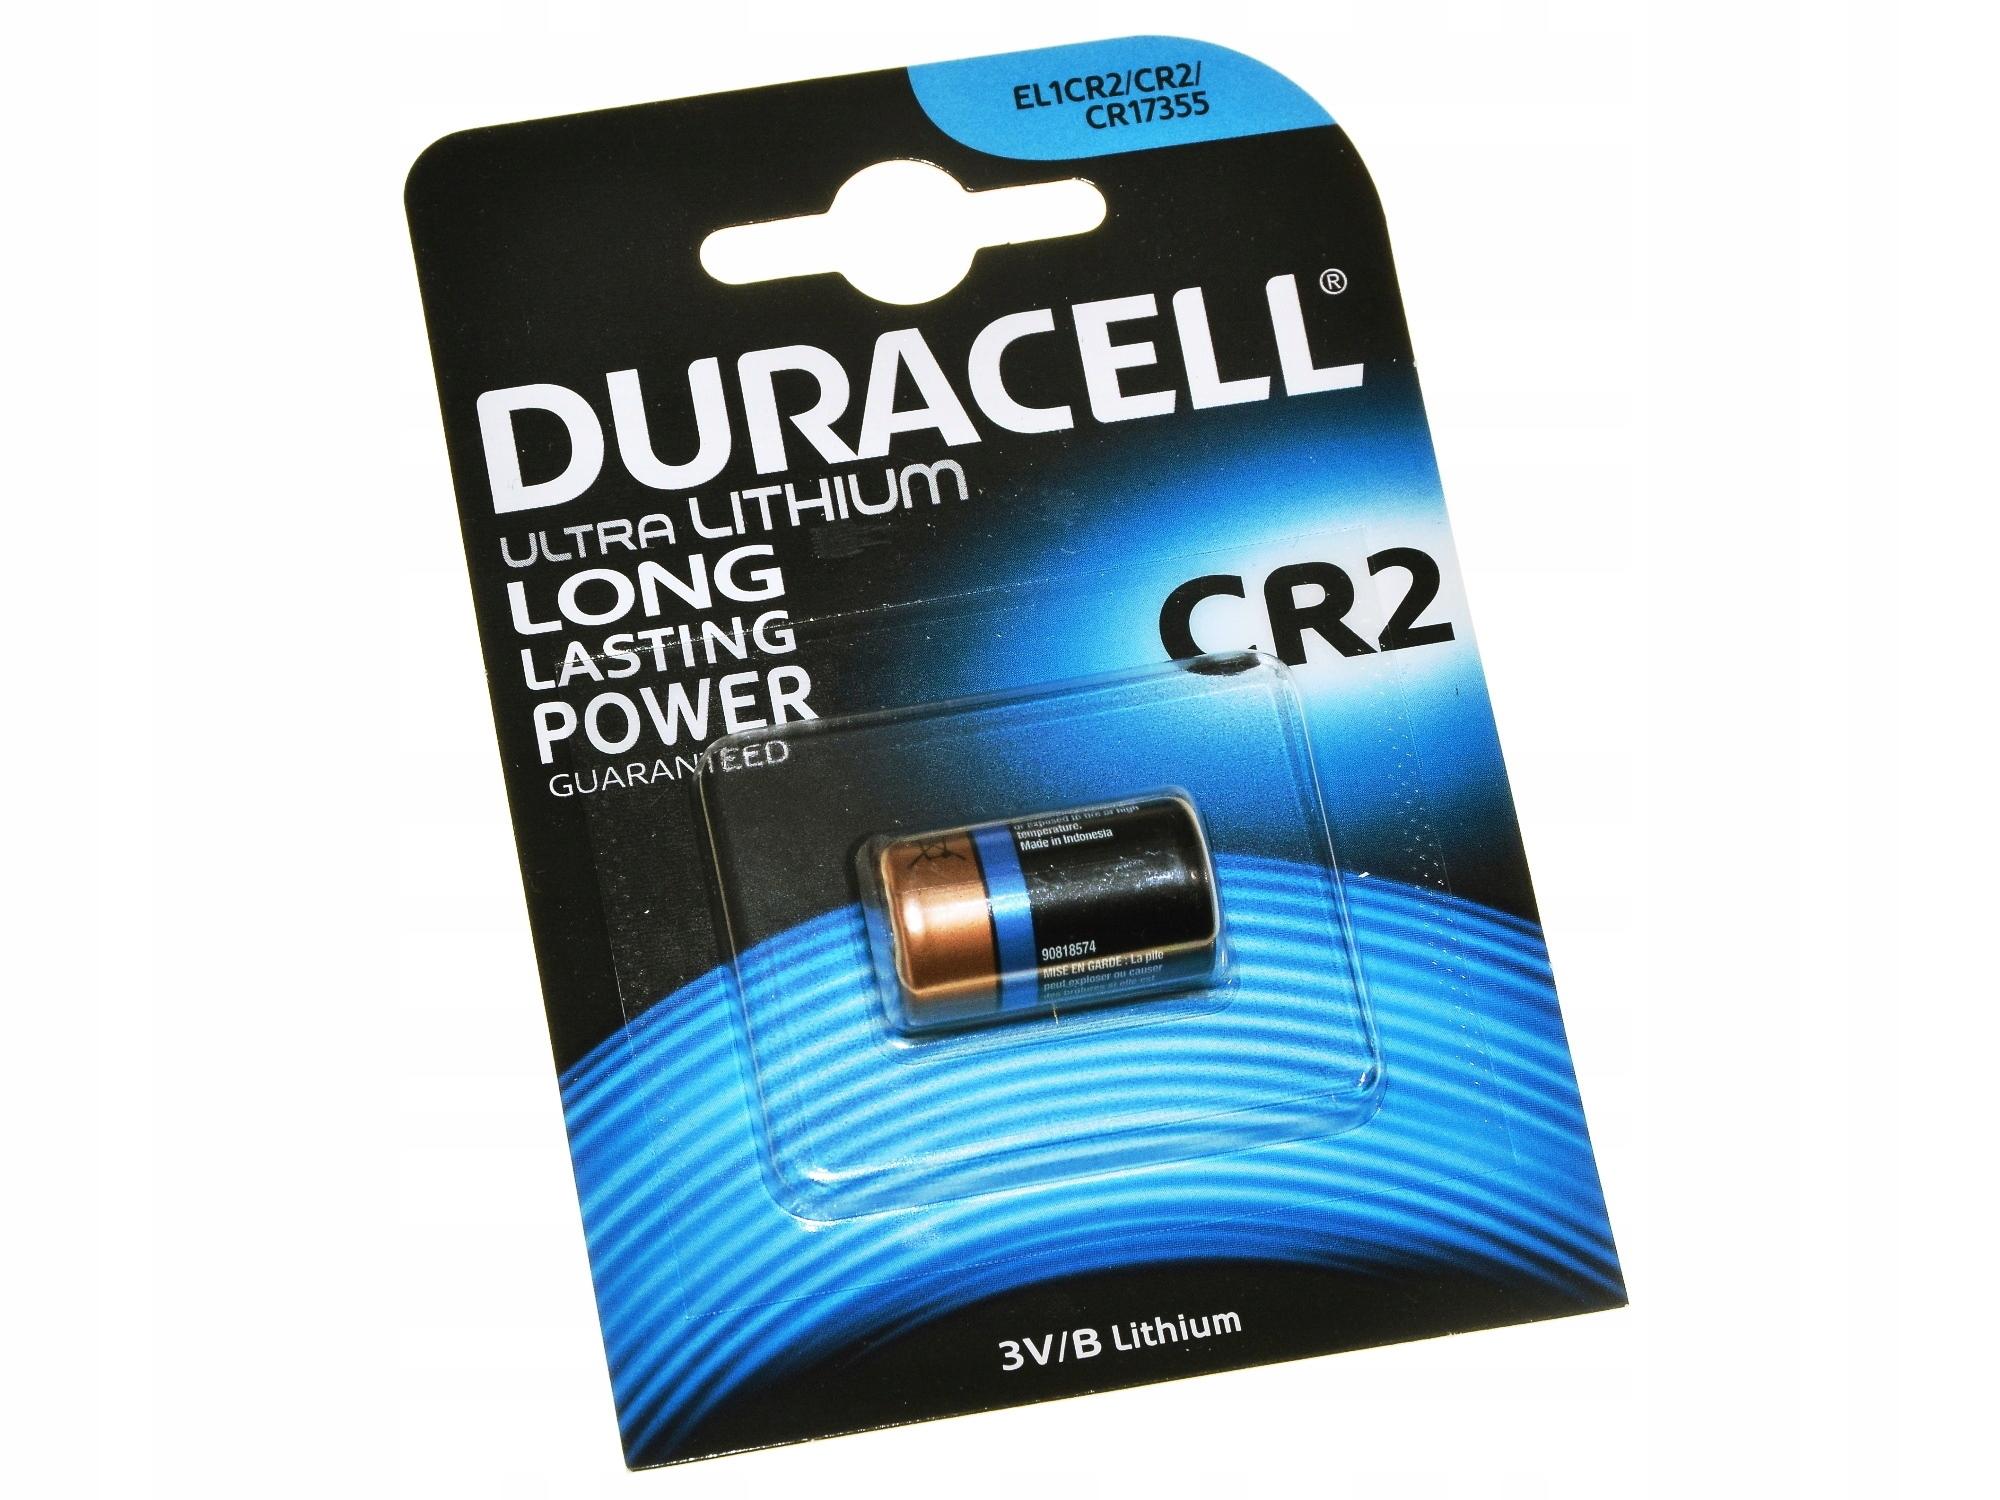 DuraCell CR2 DL2 3V Lítiová batéria pre fotoaparát fotoaparátu